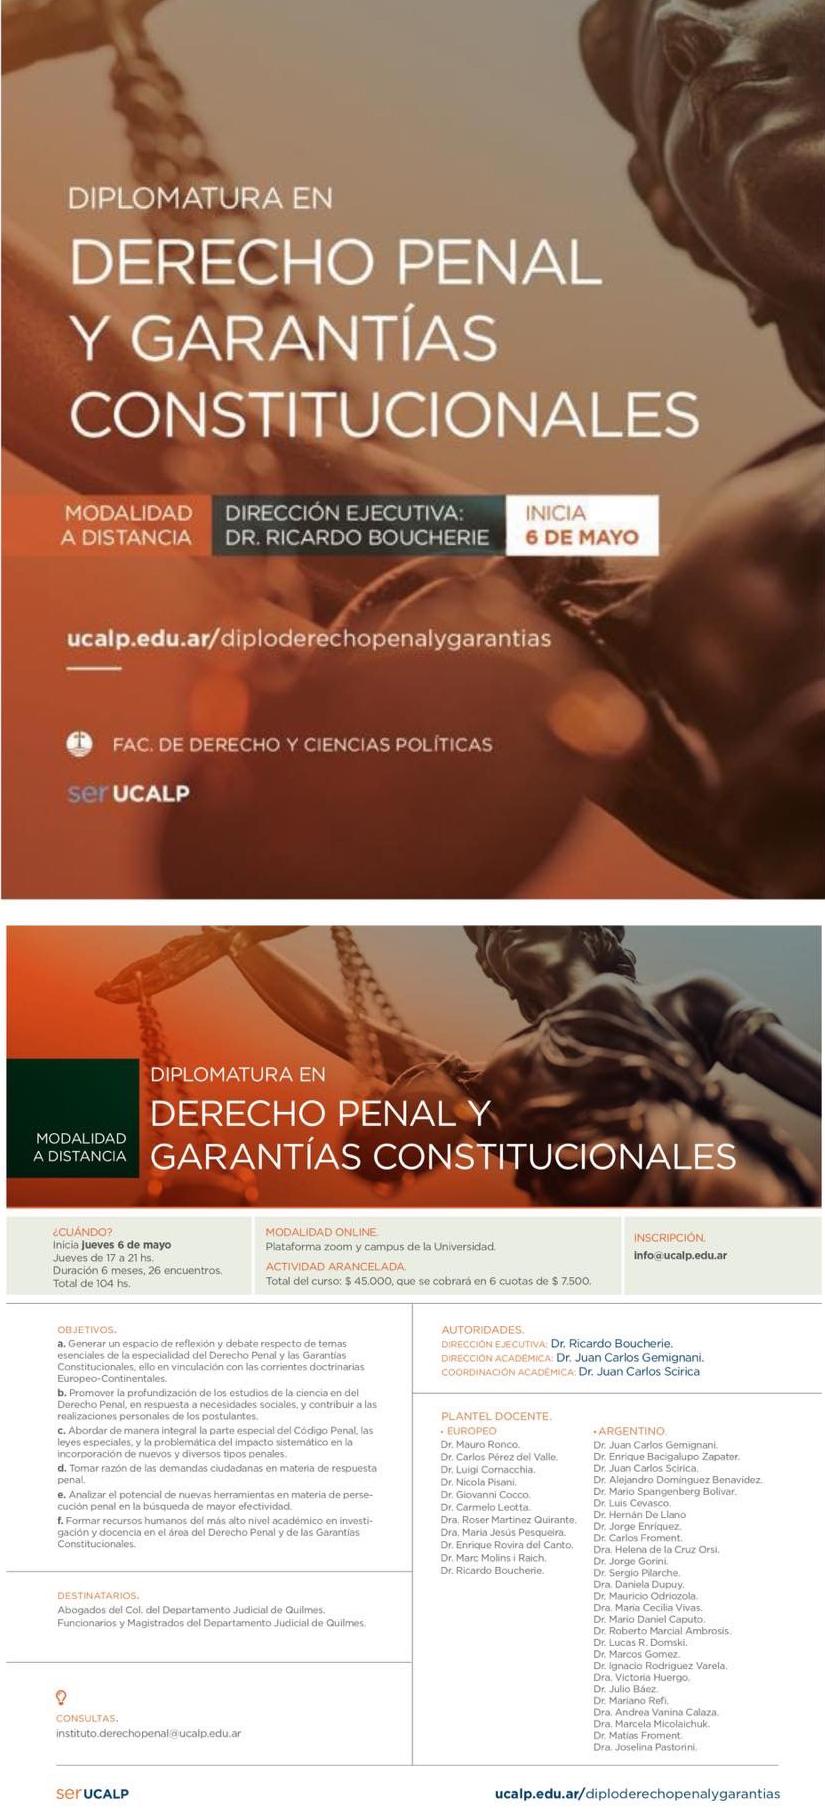 UCALP - DIPLOMATURA EN DERECHO PENAL Y GARANTÍAS CONSTITUCIONALES